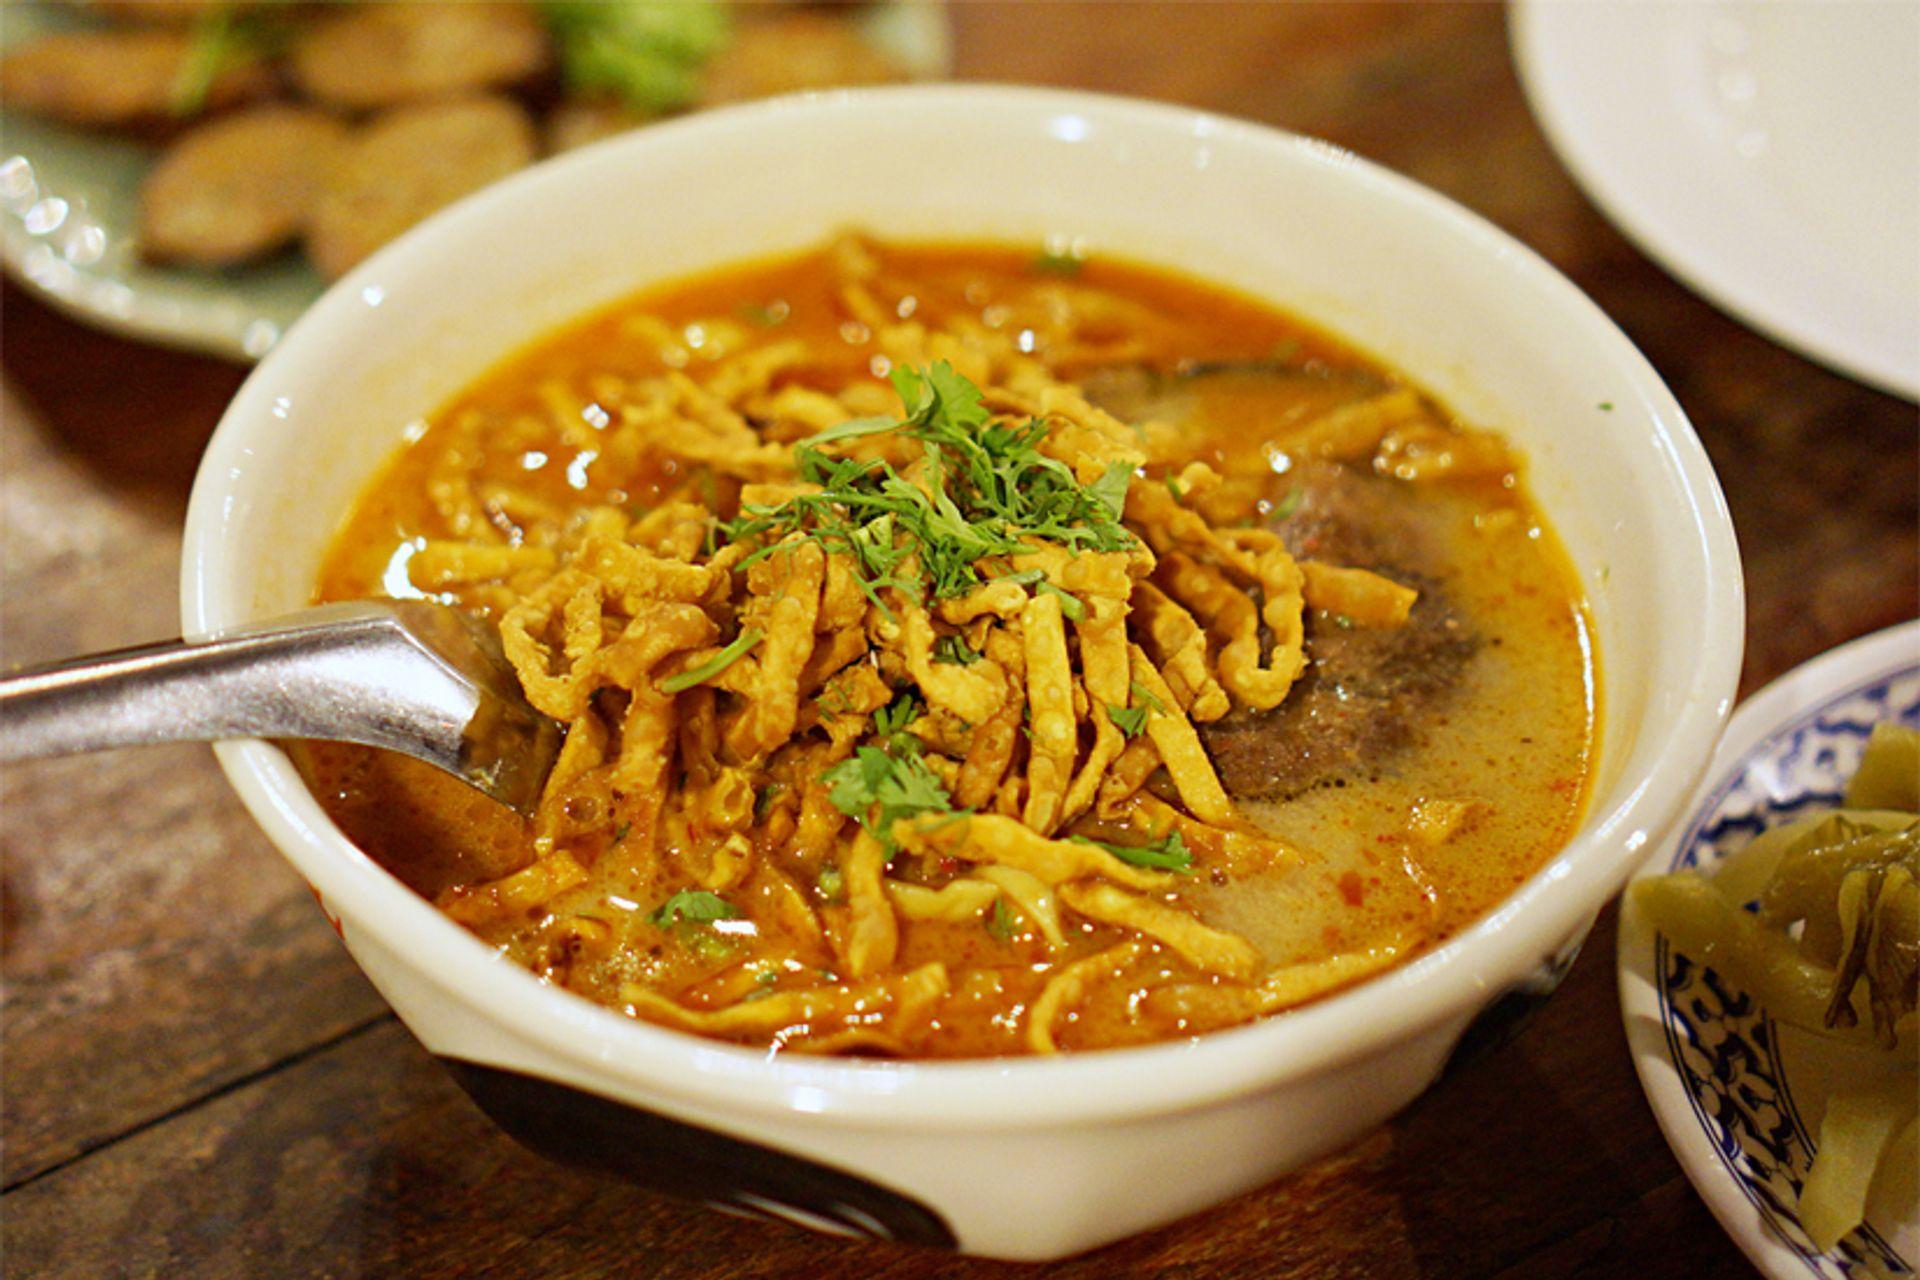 Món ăn đậm đà bản sắc dân tộc này được phục vụ cùng với thịt gà hoặc thịt bò